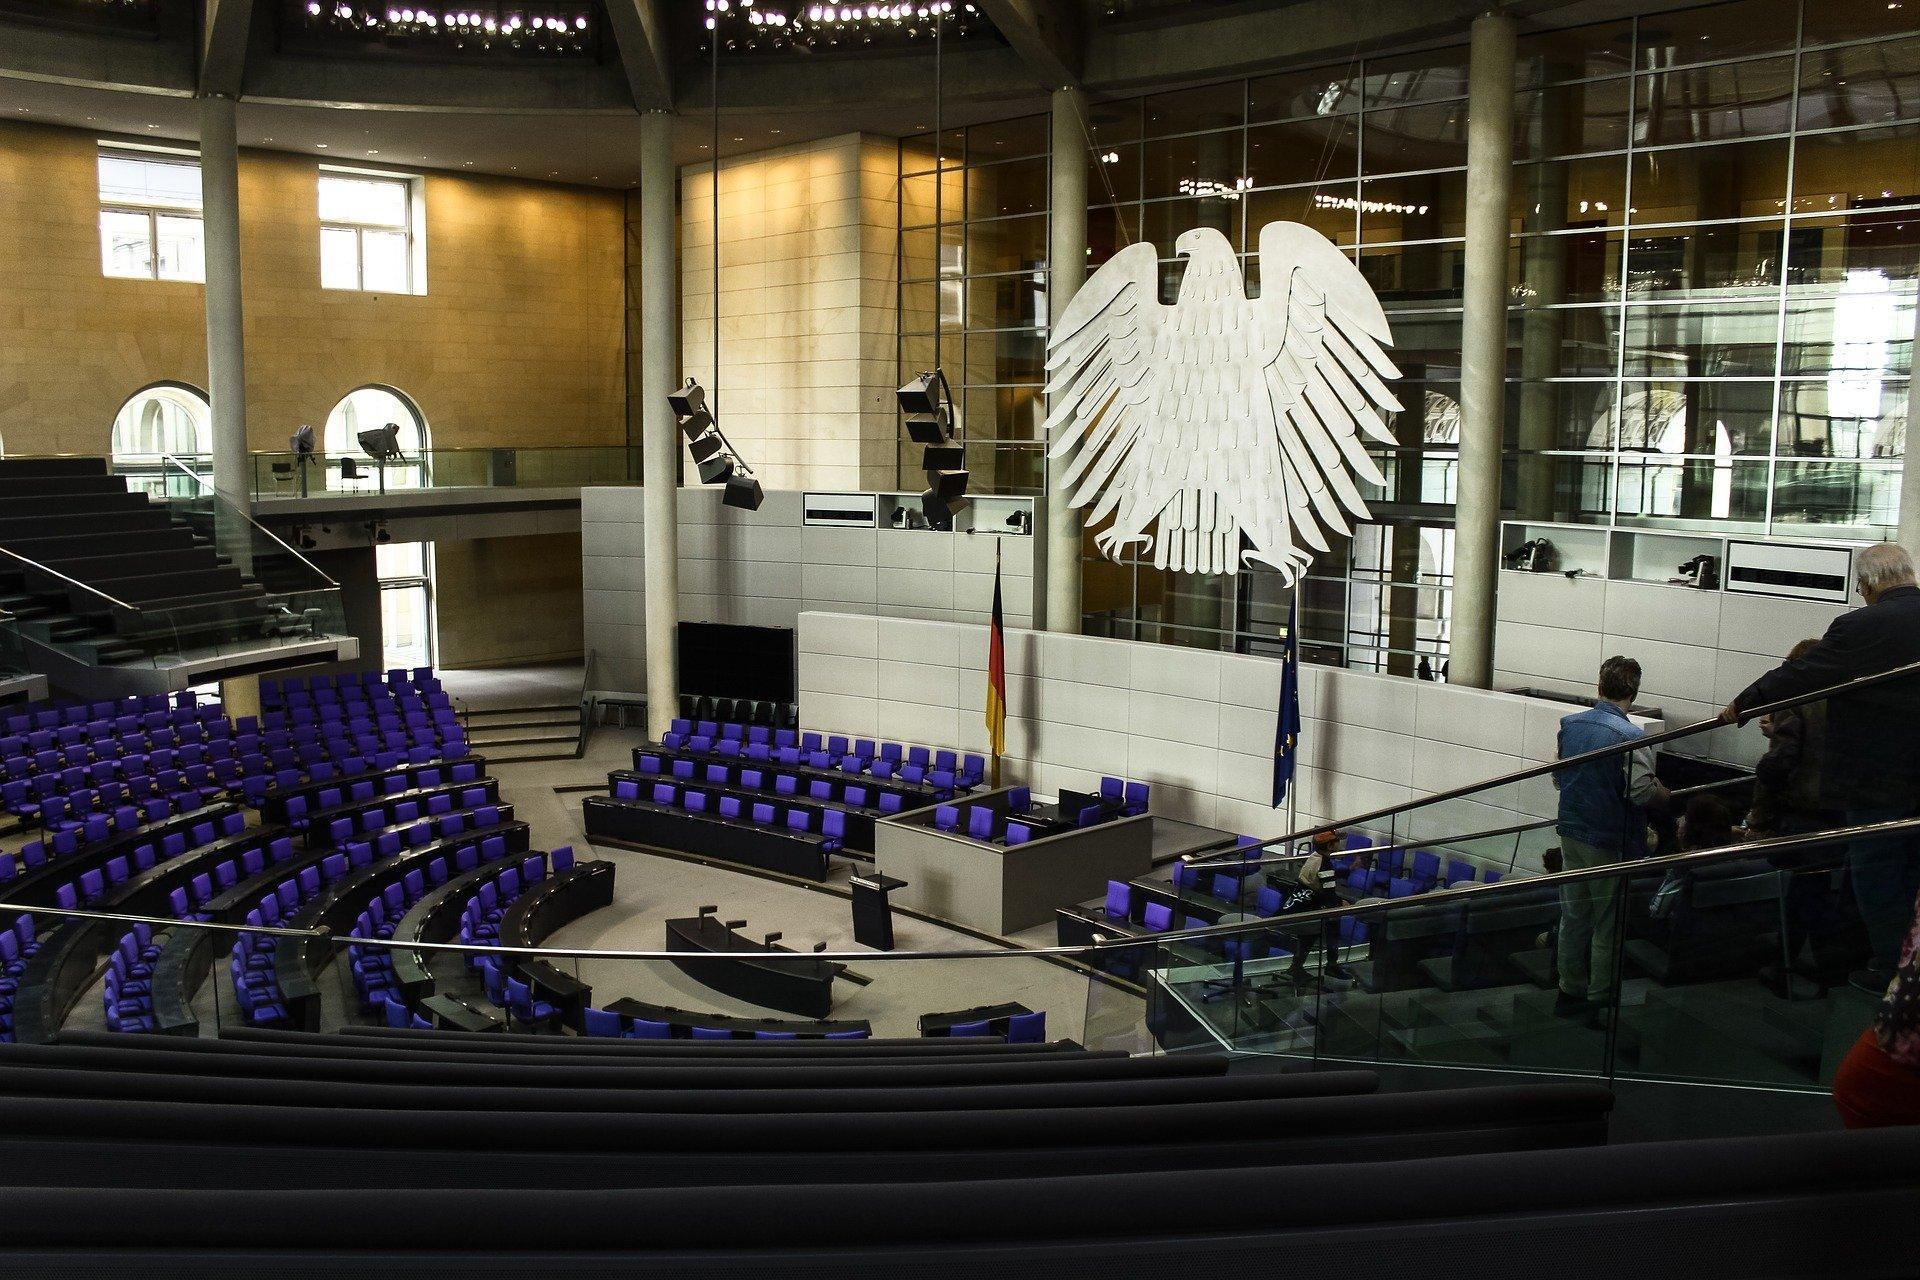 Bild Bundestag, Quelle: Bild von Richard Ley auf Pixabay